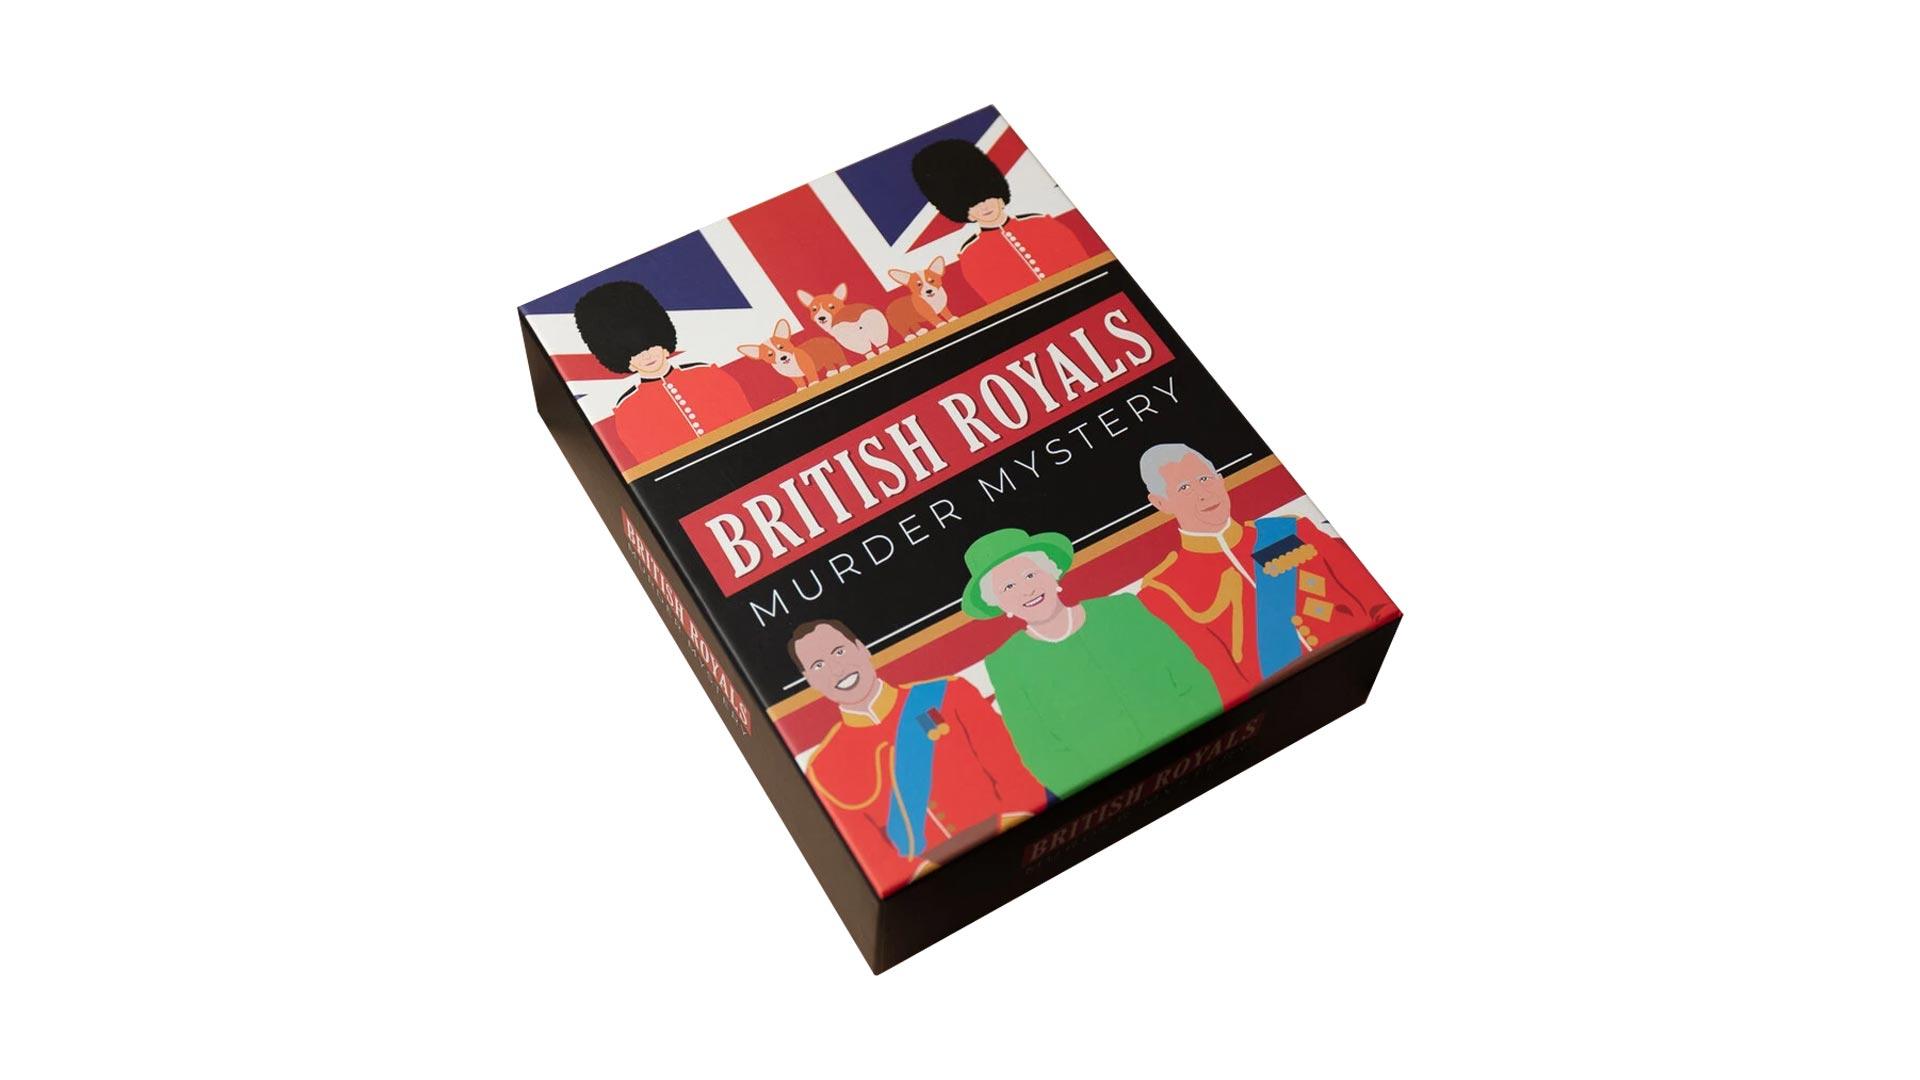 British Royals Murder Mystery